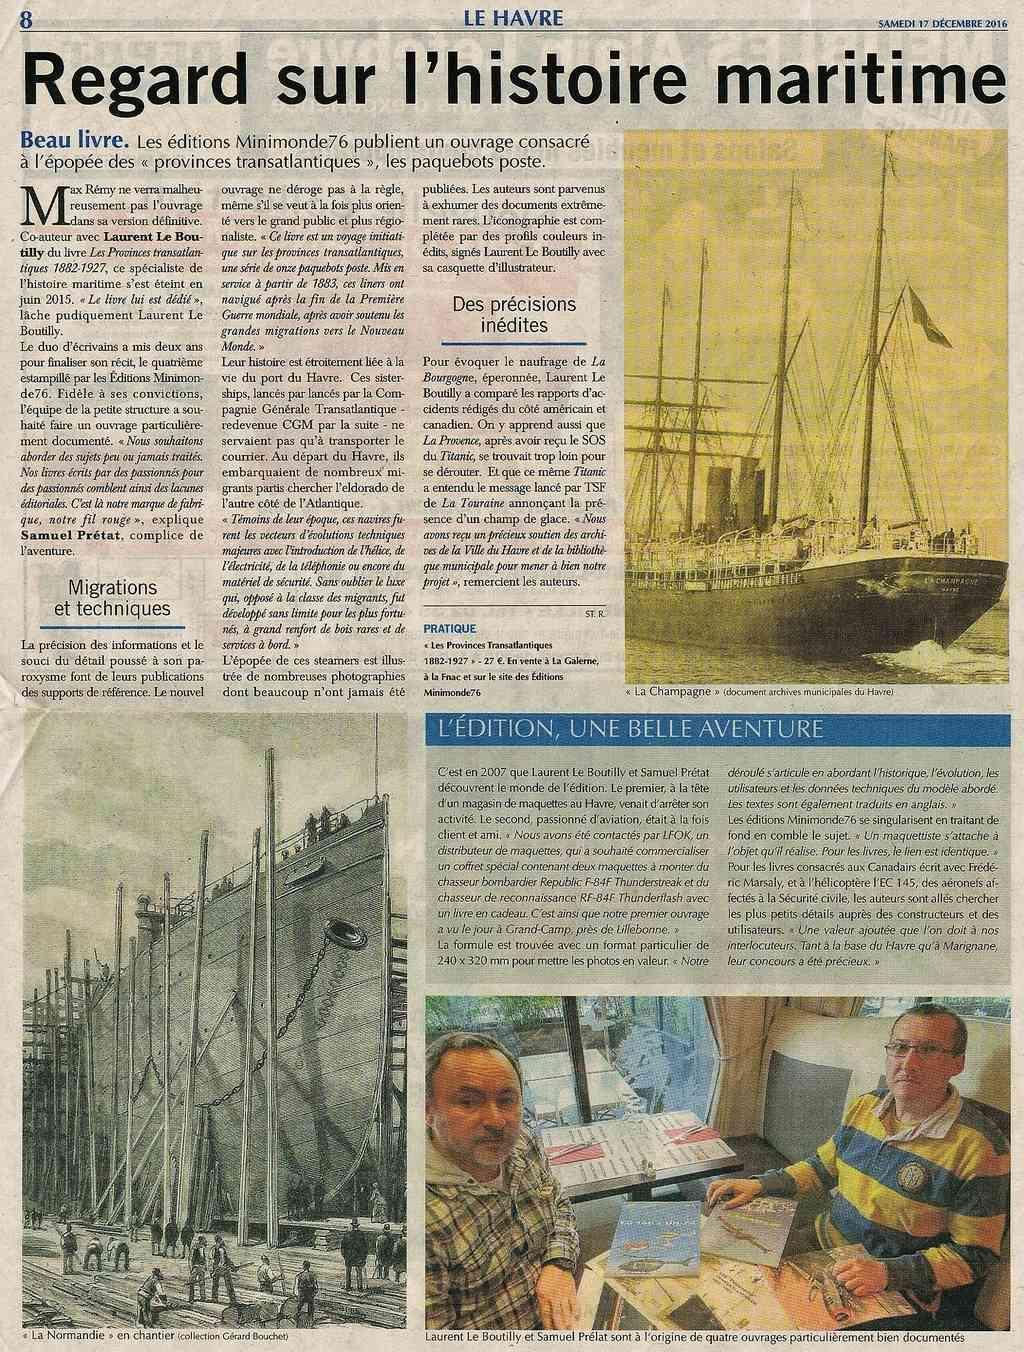 Paquebot Poste - Les Provinces transatlantiques 2016-138